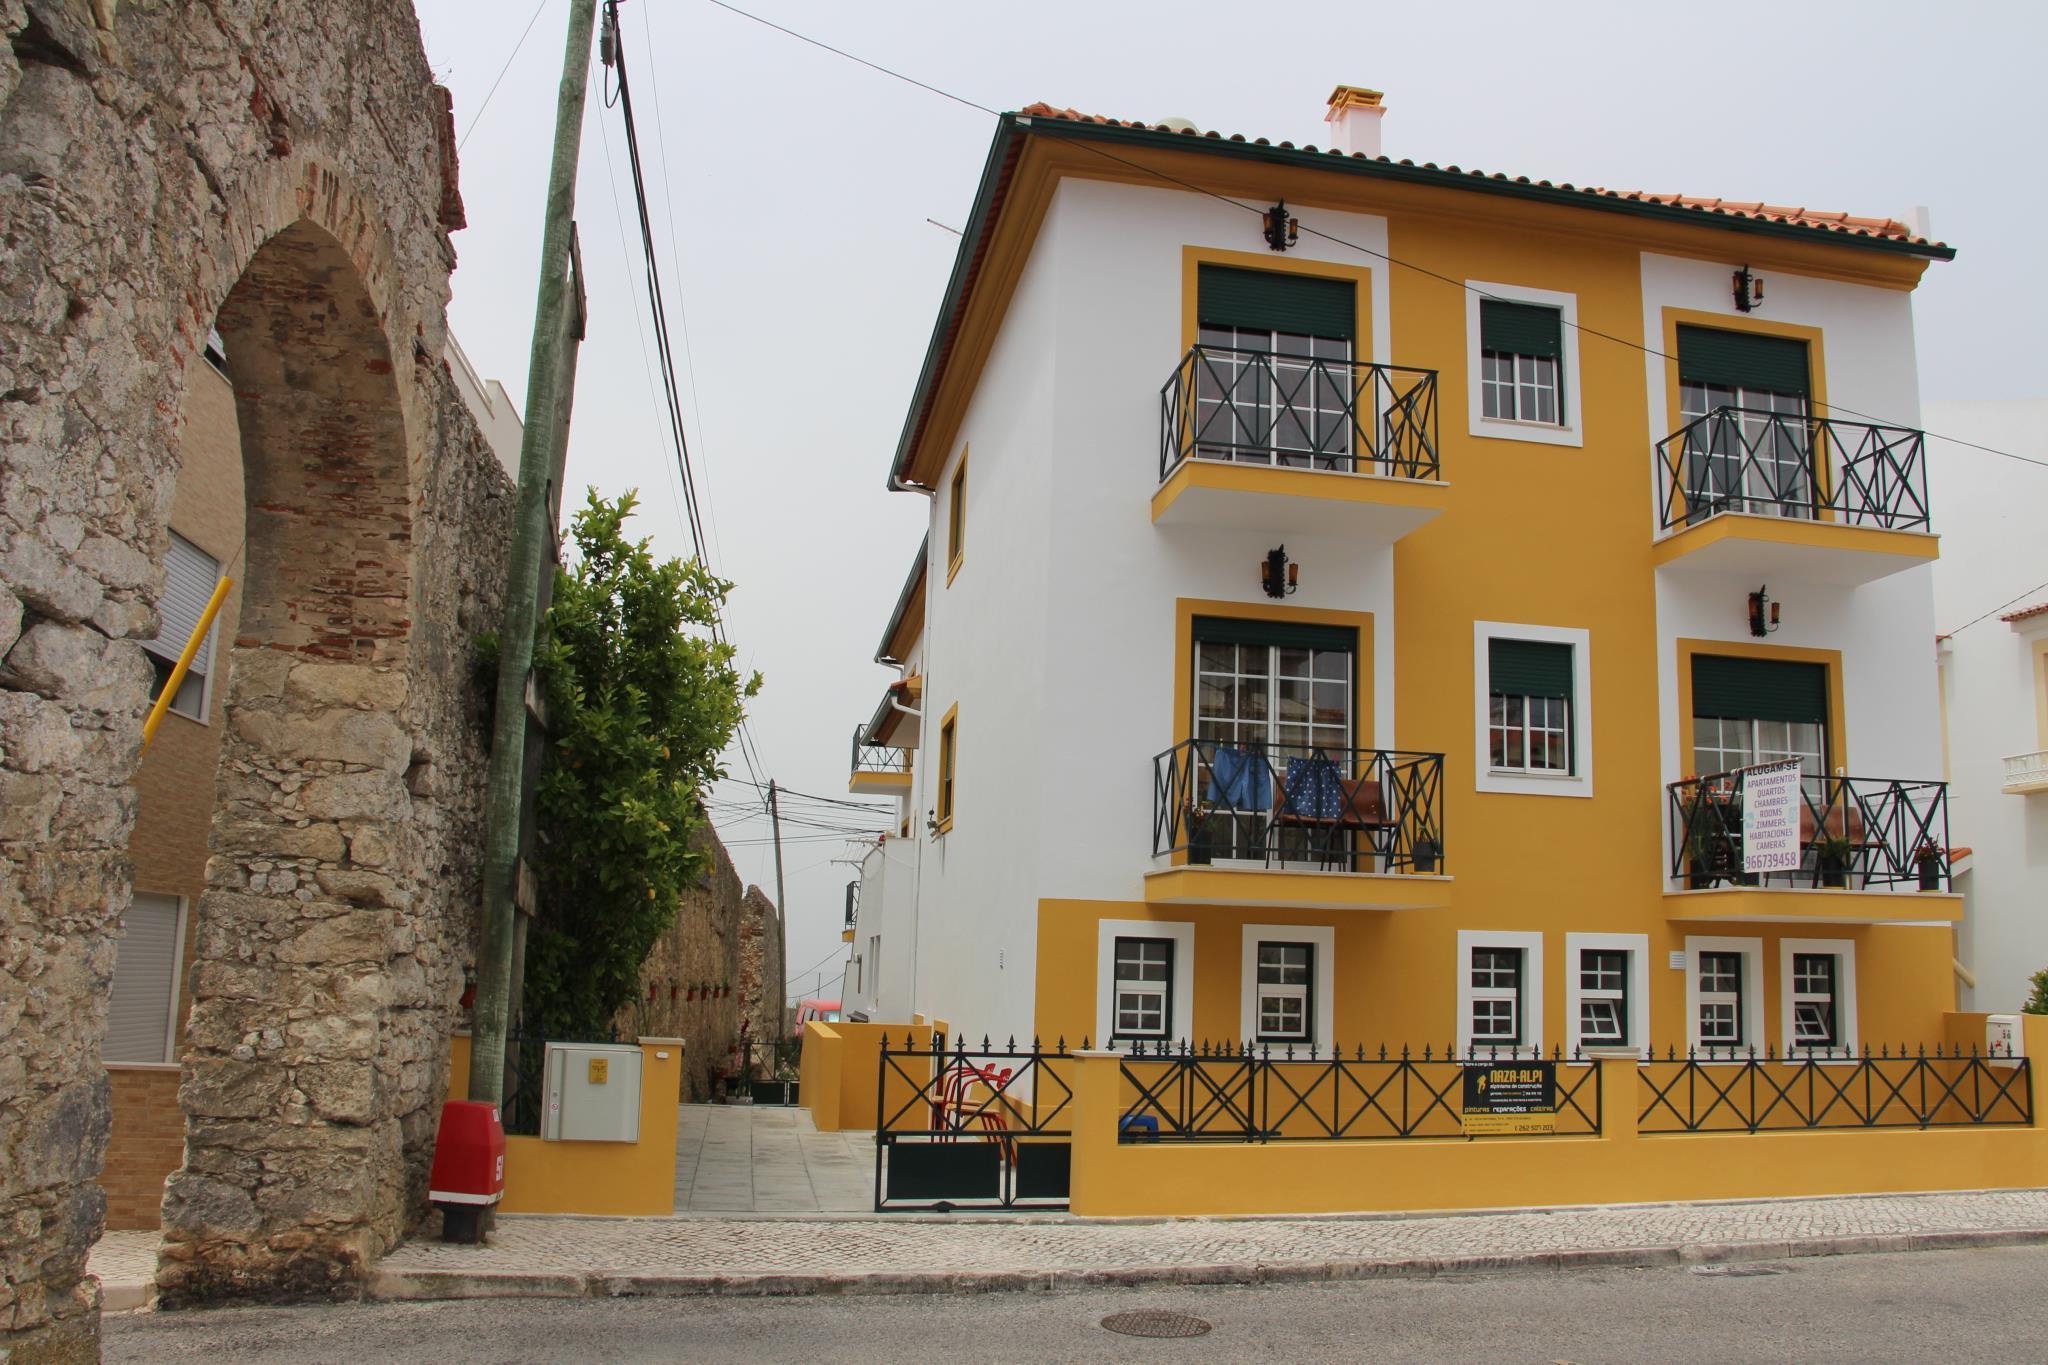 Vina's Place, Nazaré